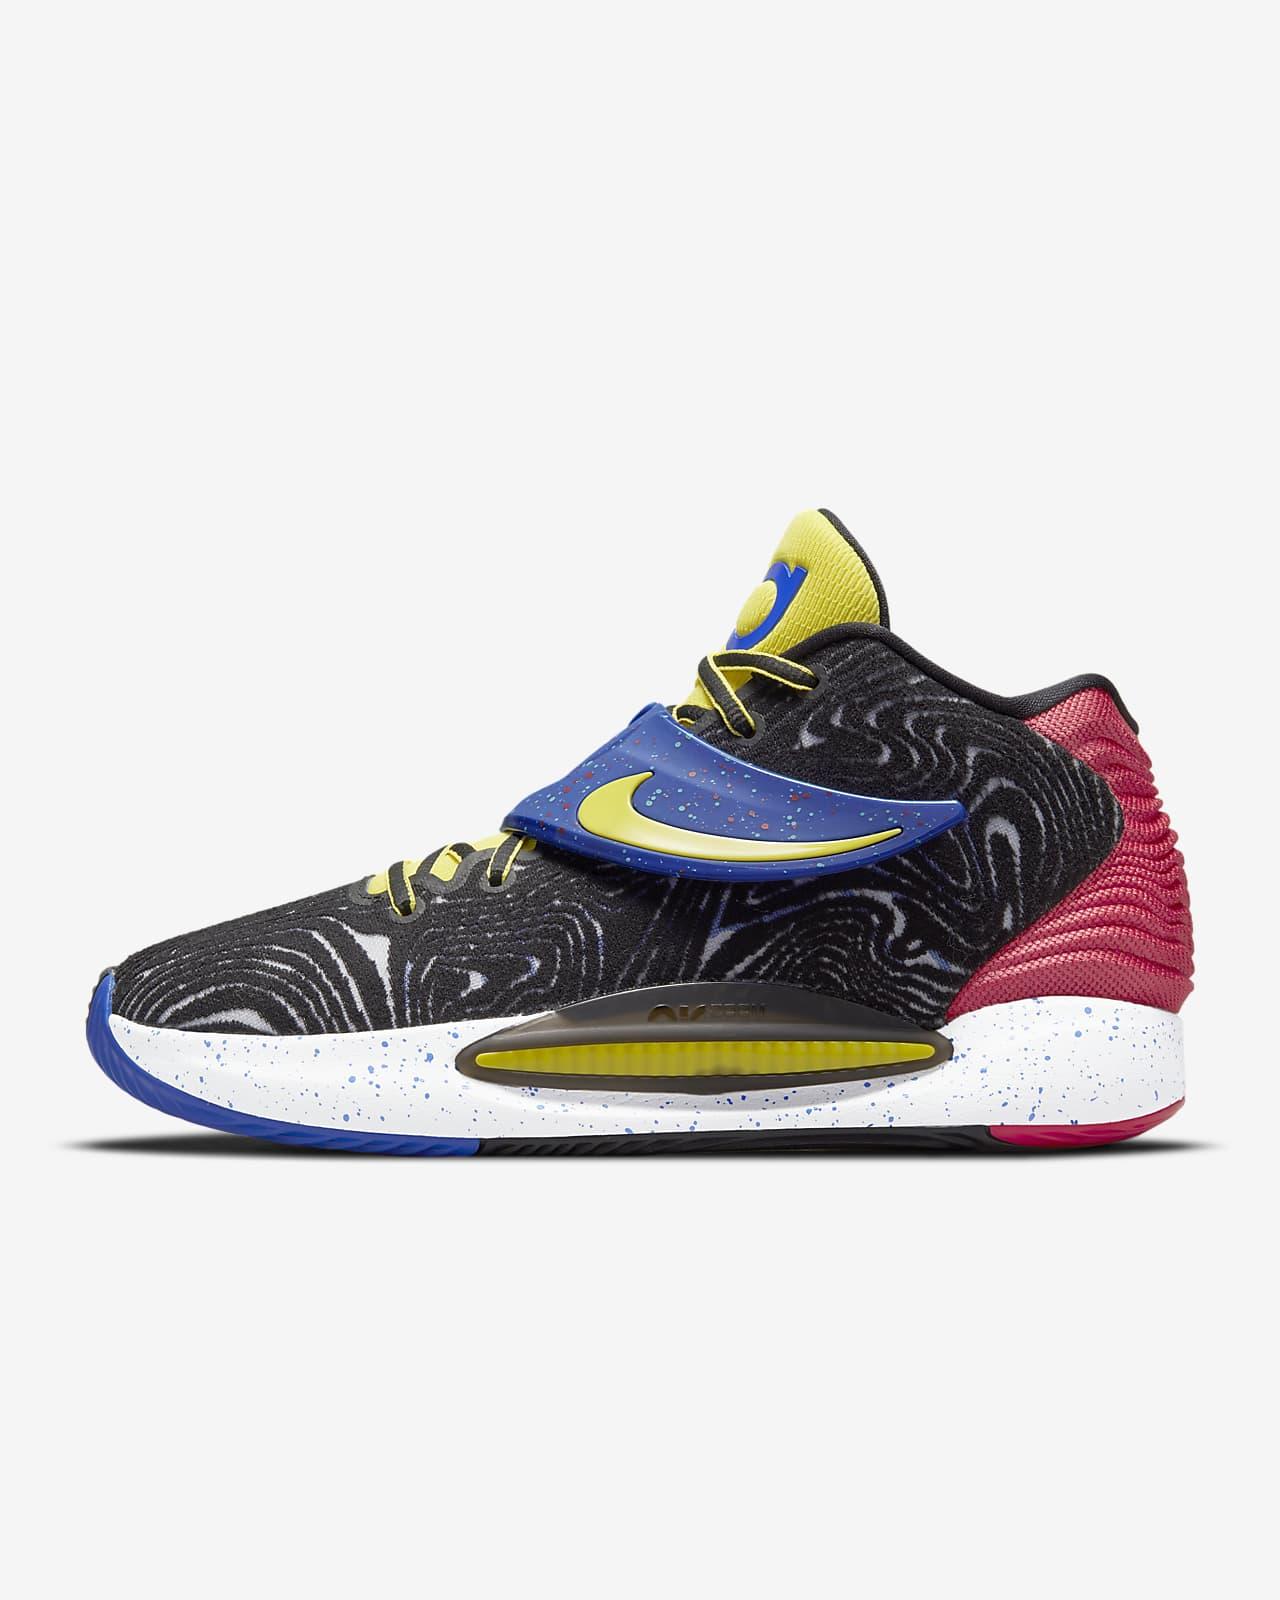 Παπούτσι μπάσκετ KD14